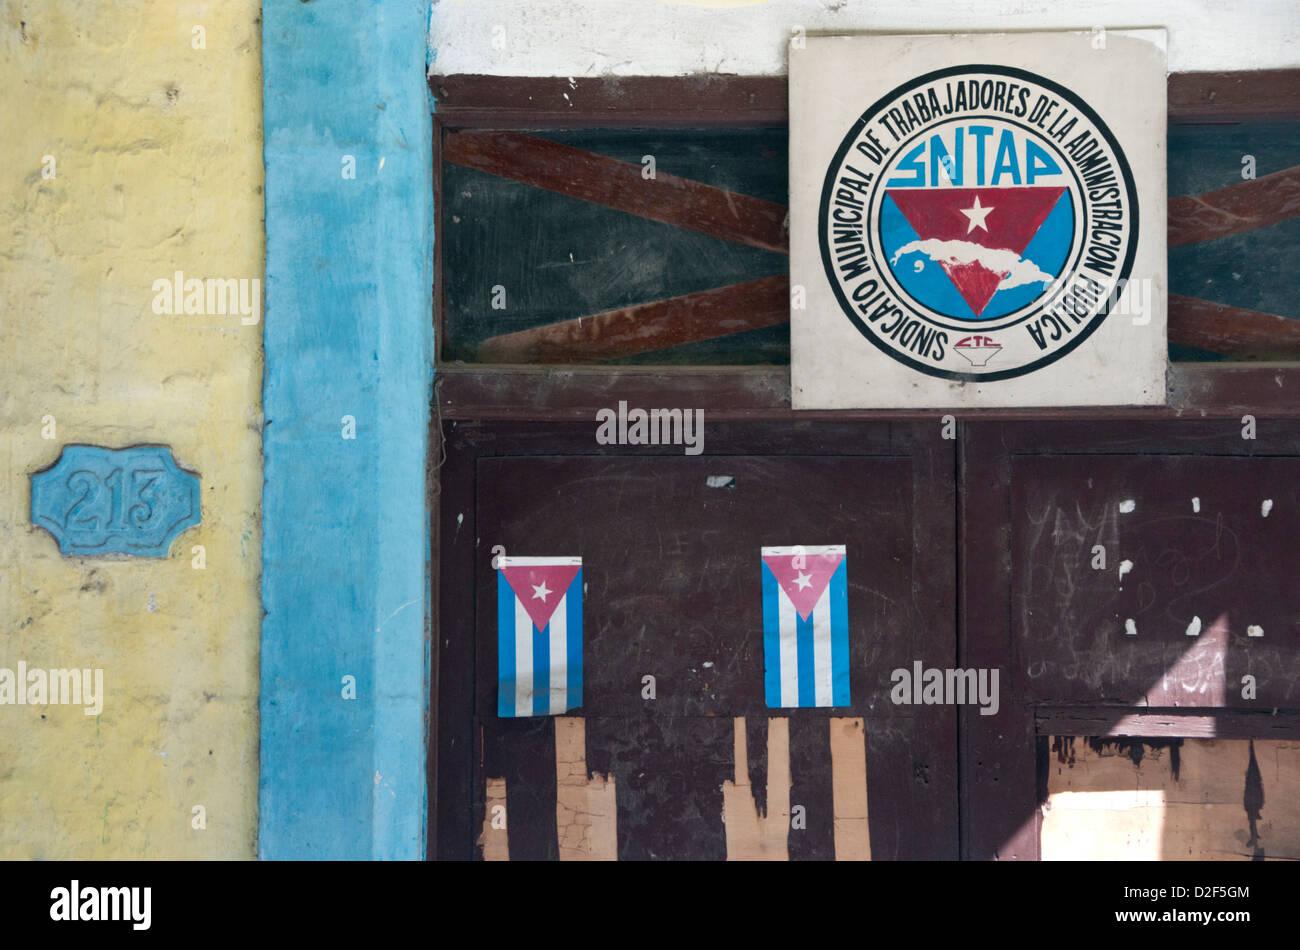 Backstreet Detail of Faded Architecture, Calle Habana, Habana Vieja, Havana, Cuba - Stock Image